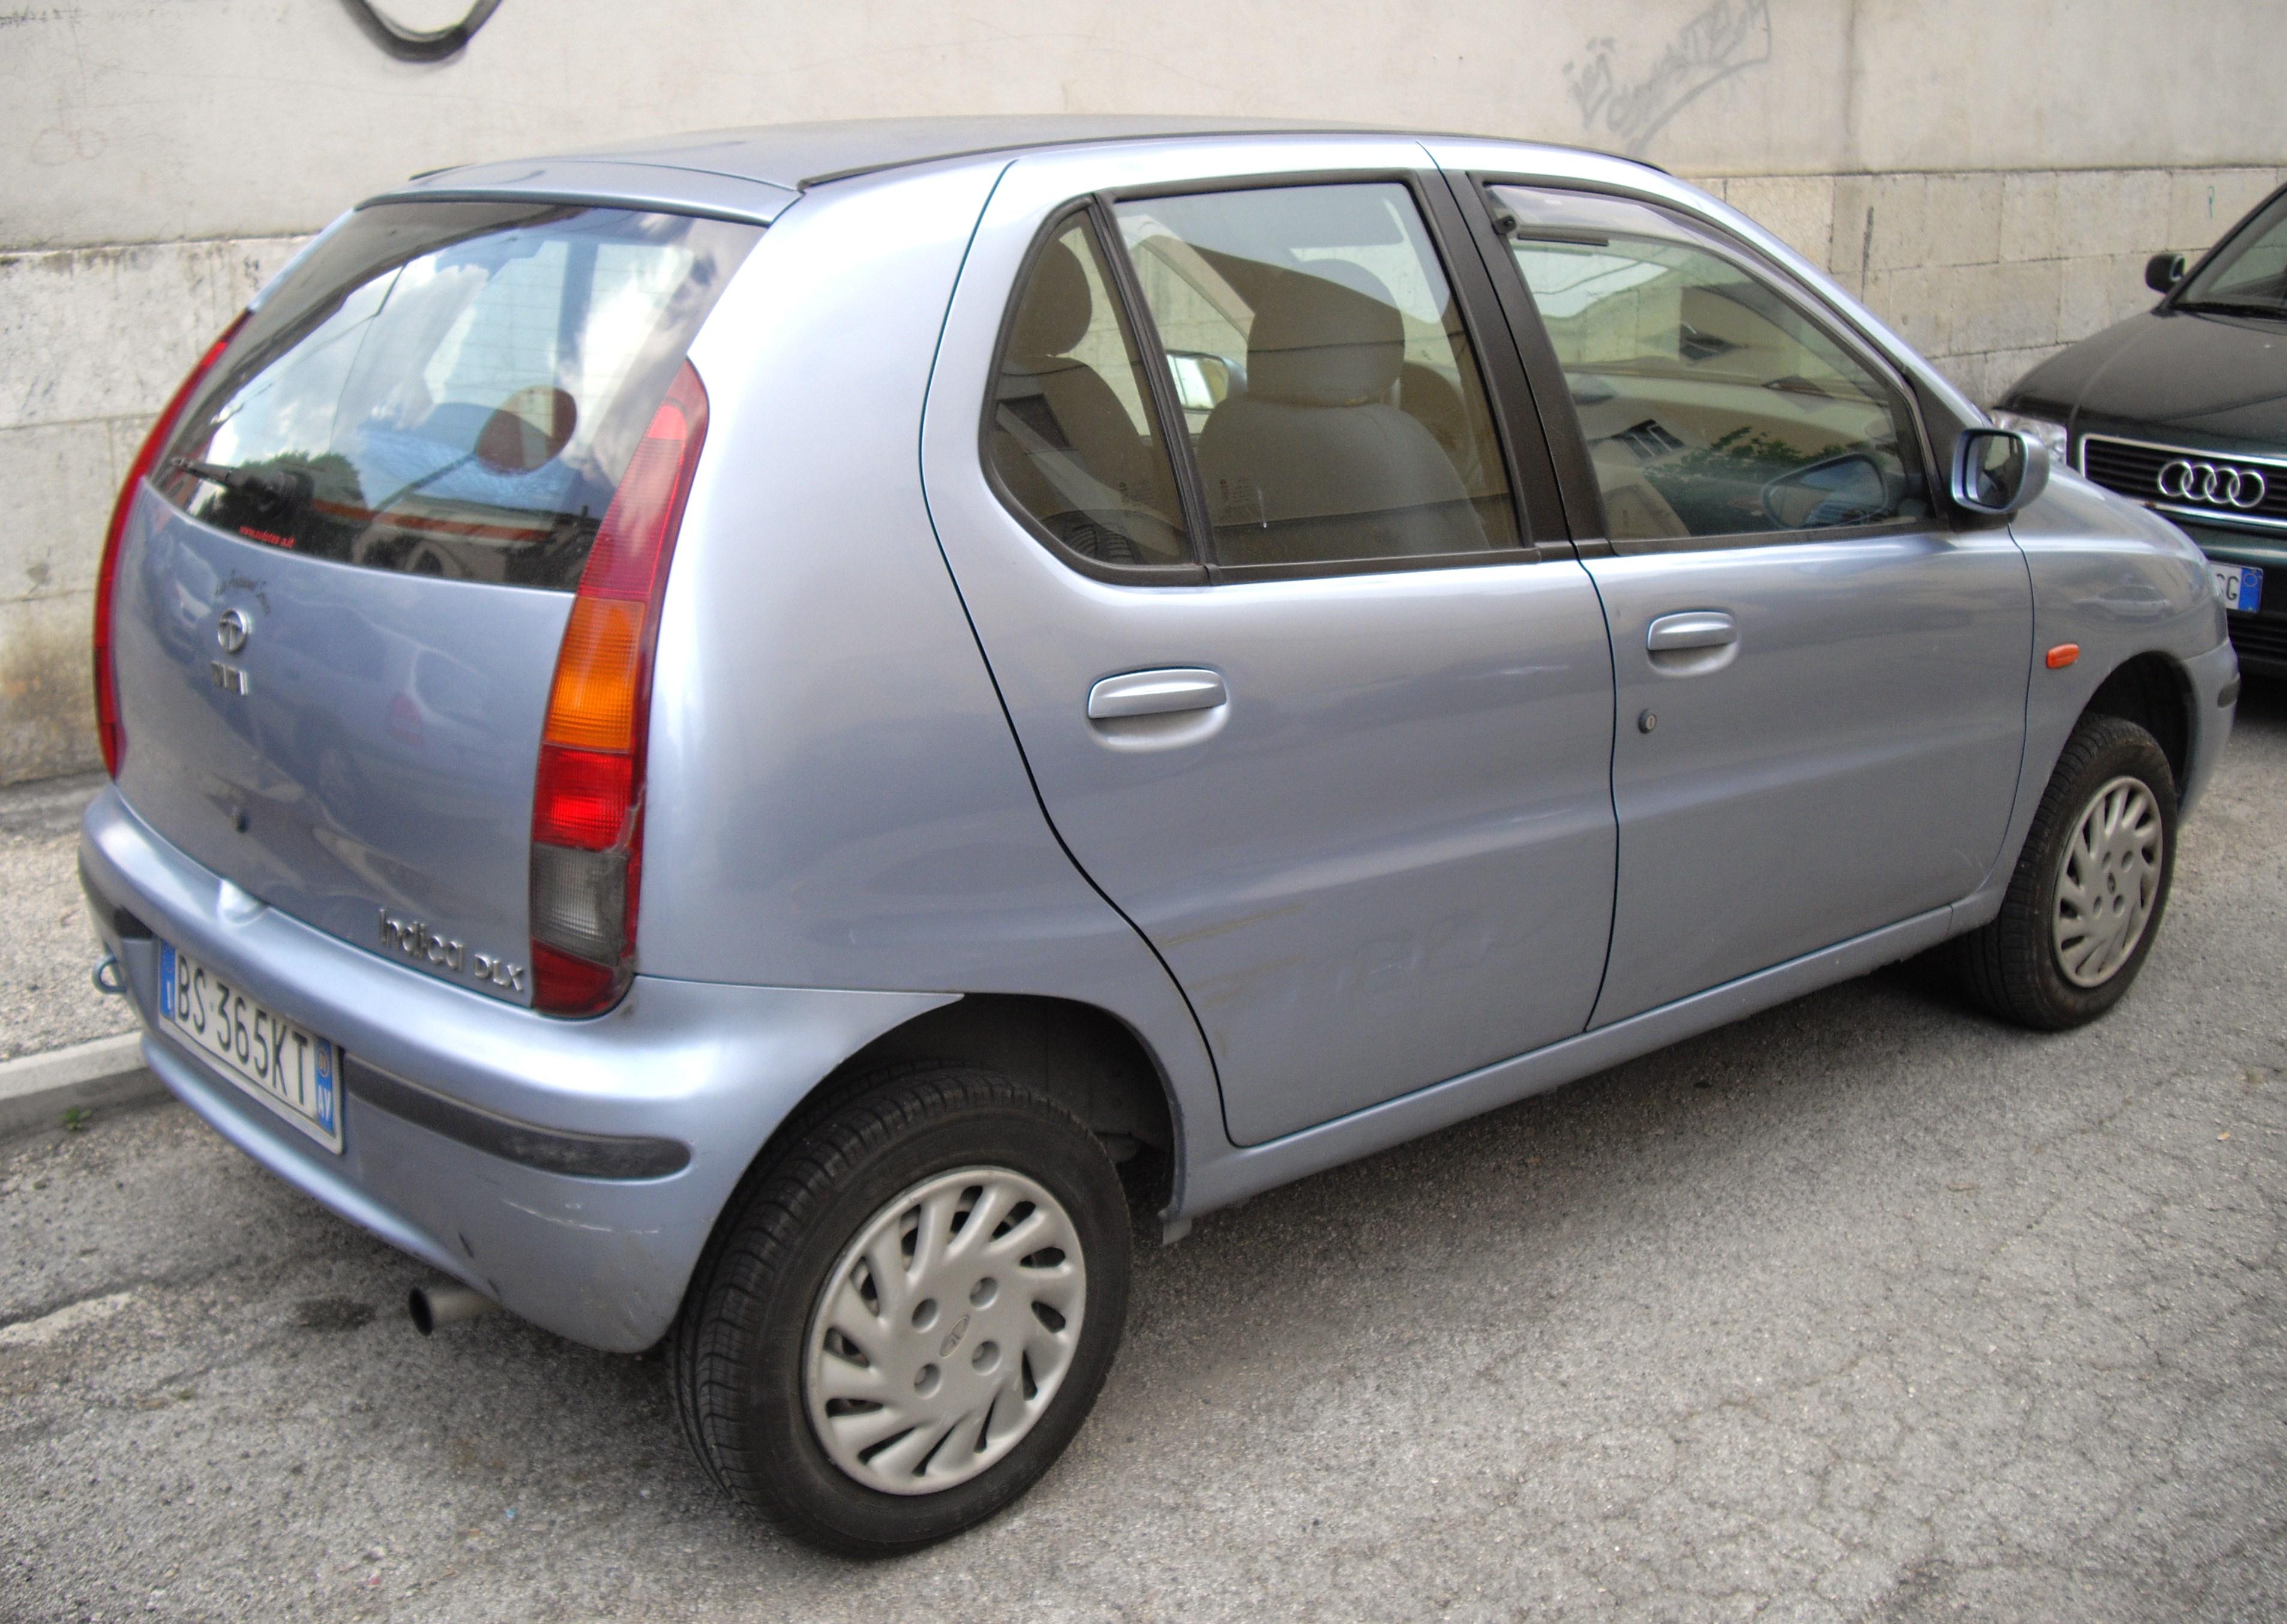 Tata Indica Car Price In India